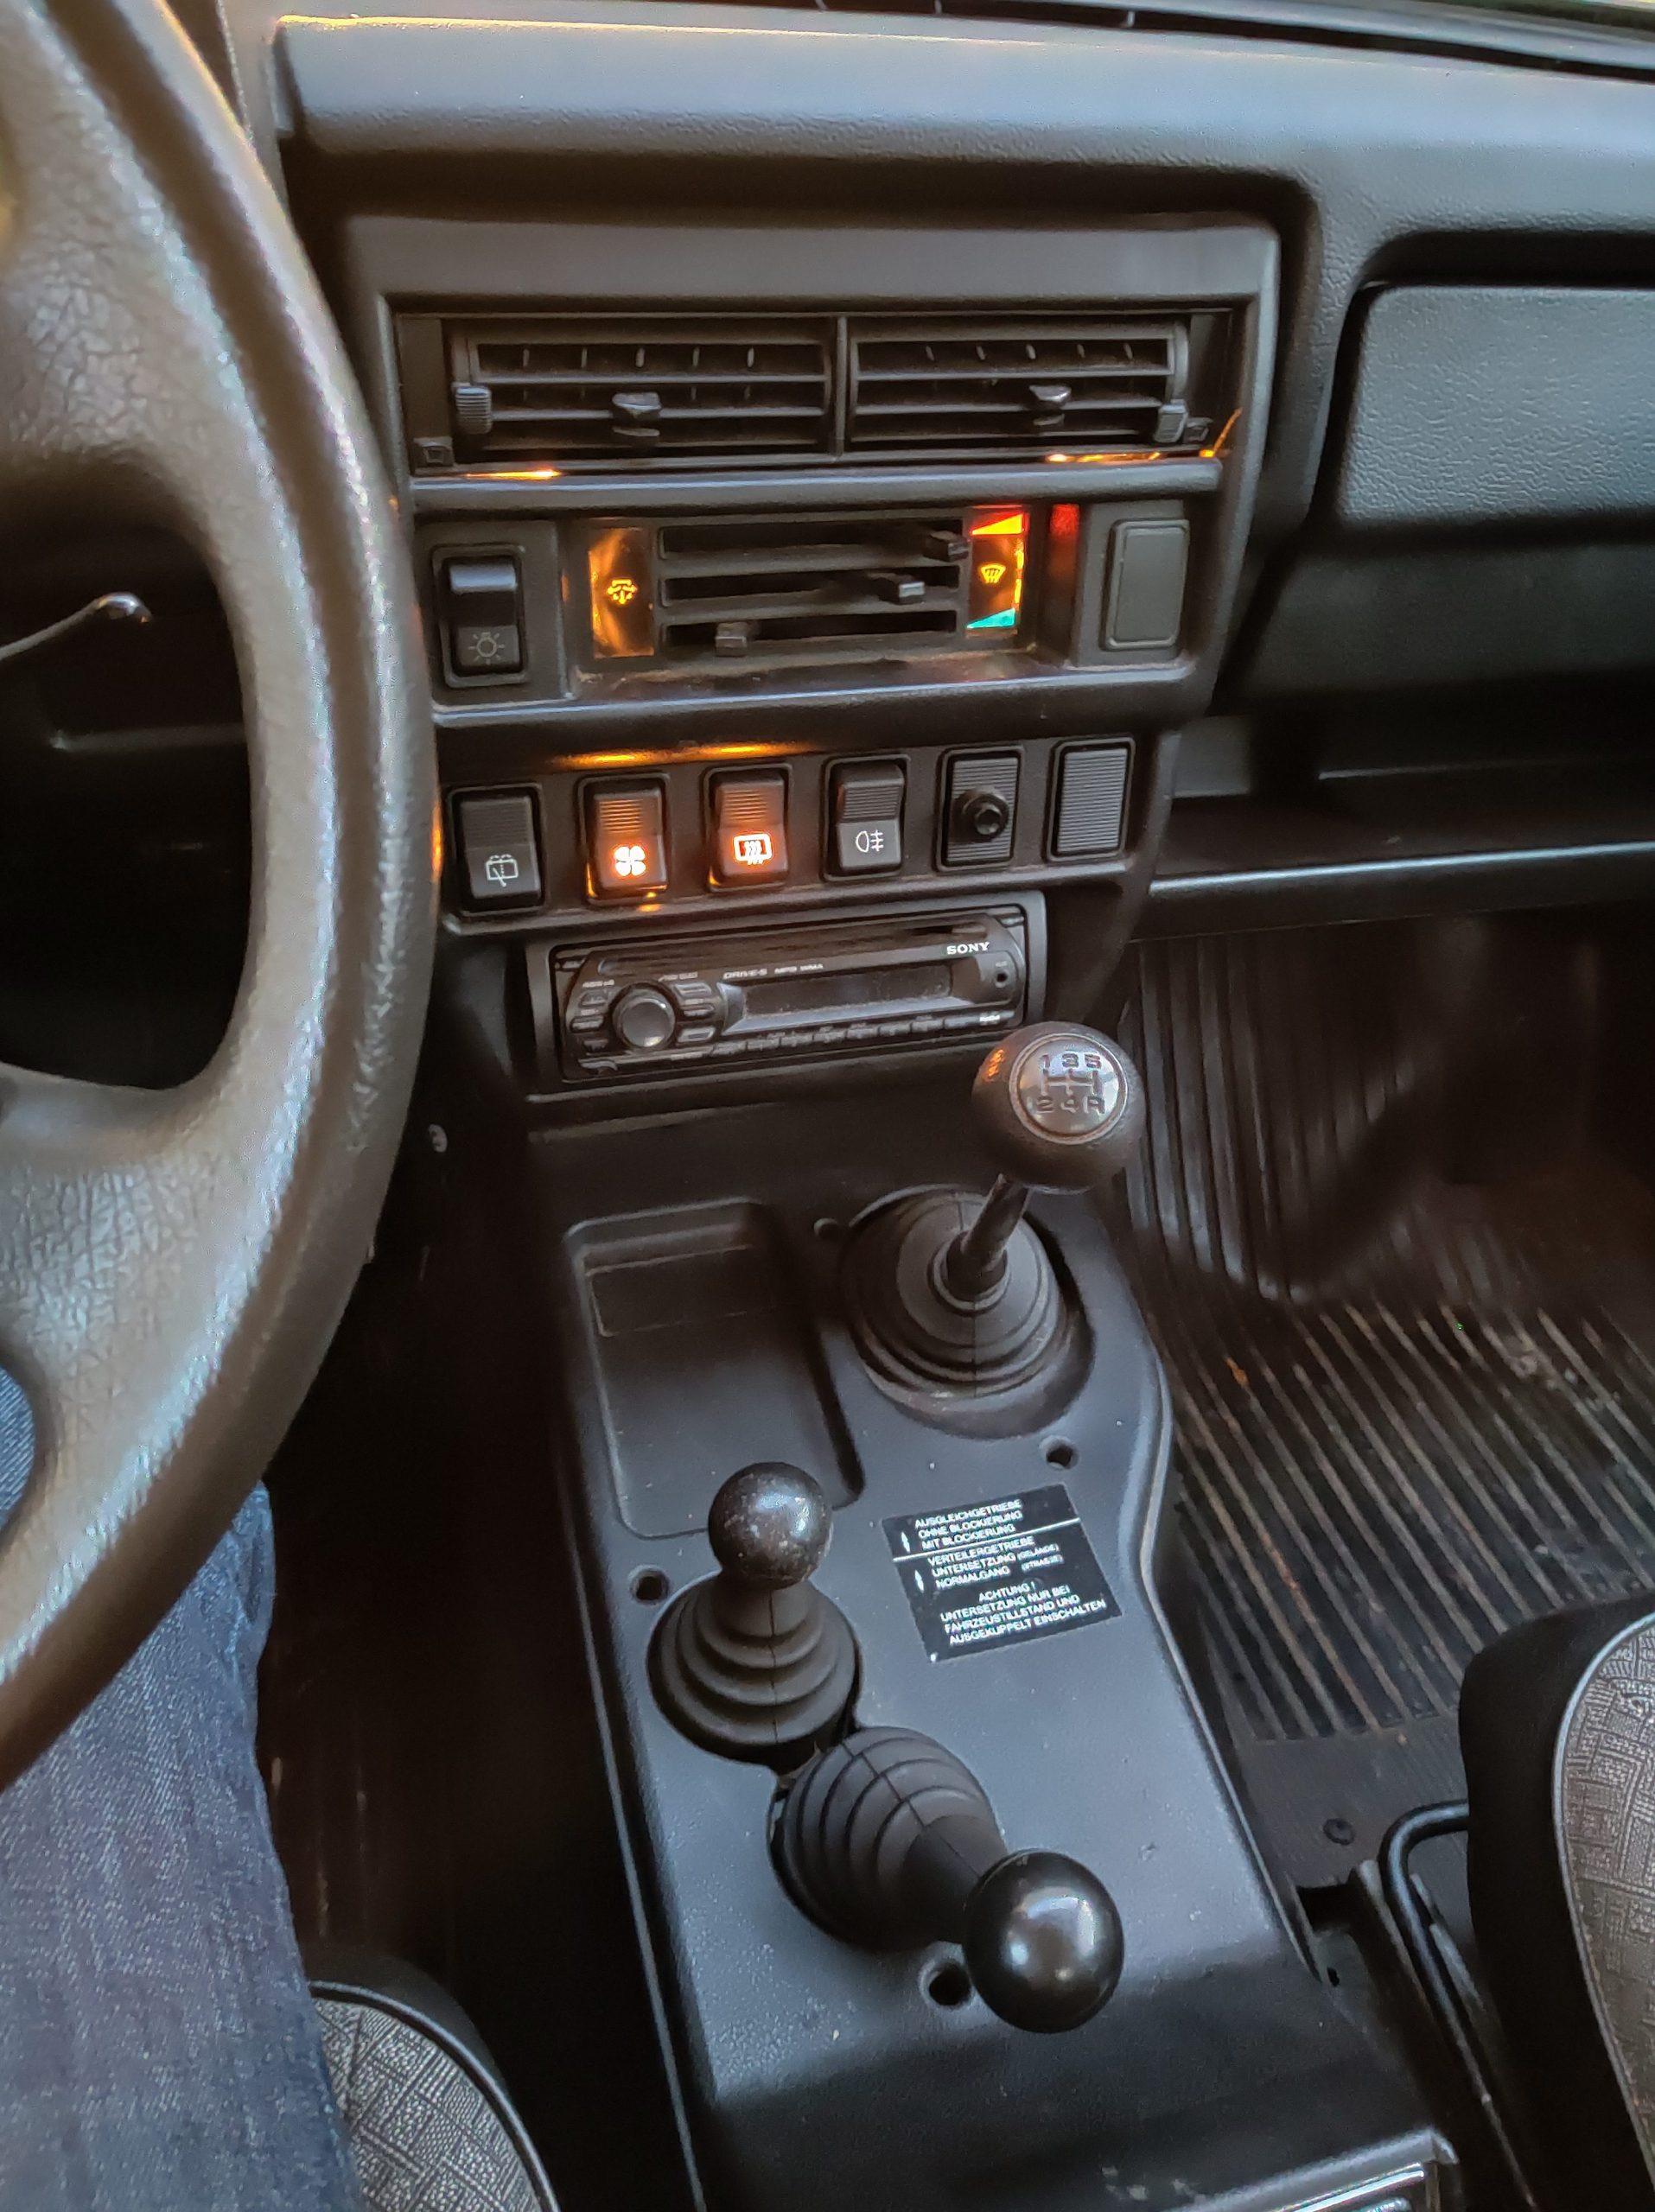 lada niva stick shift interior